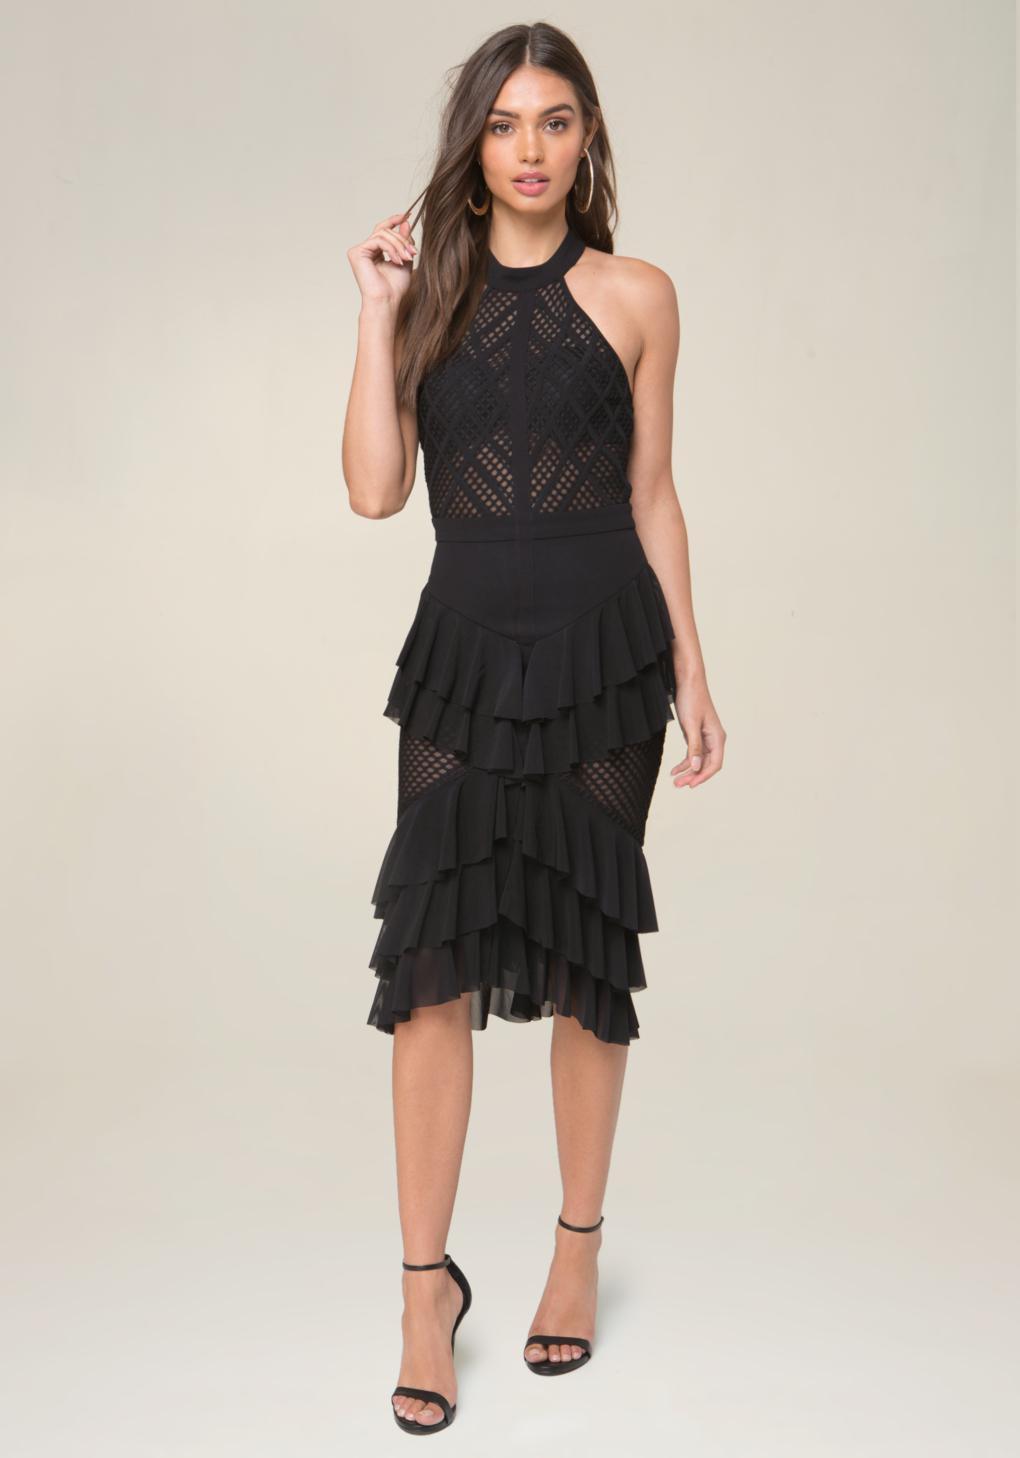 Black bebe paillette dresses